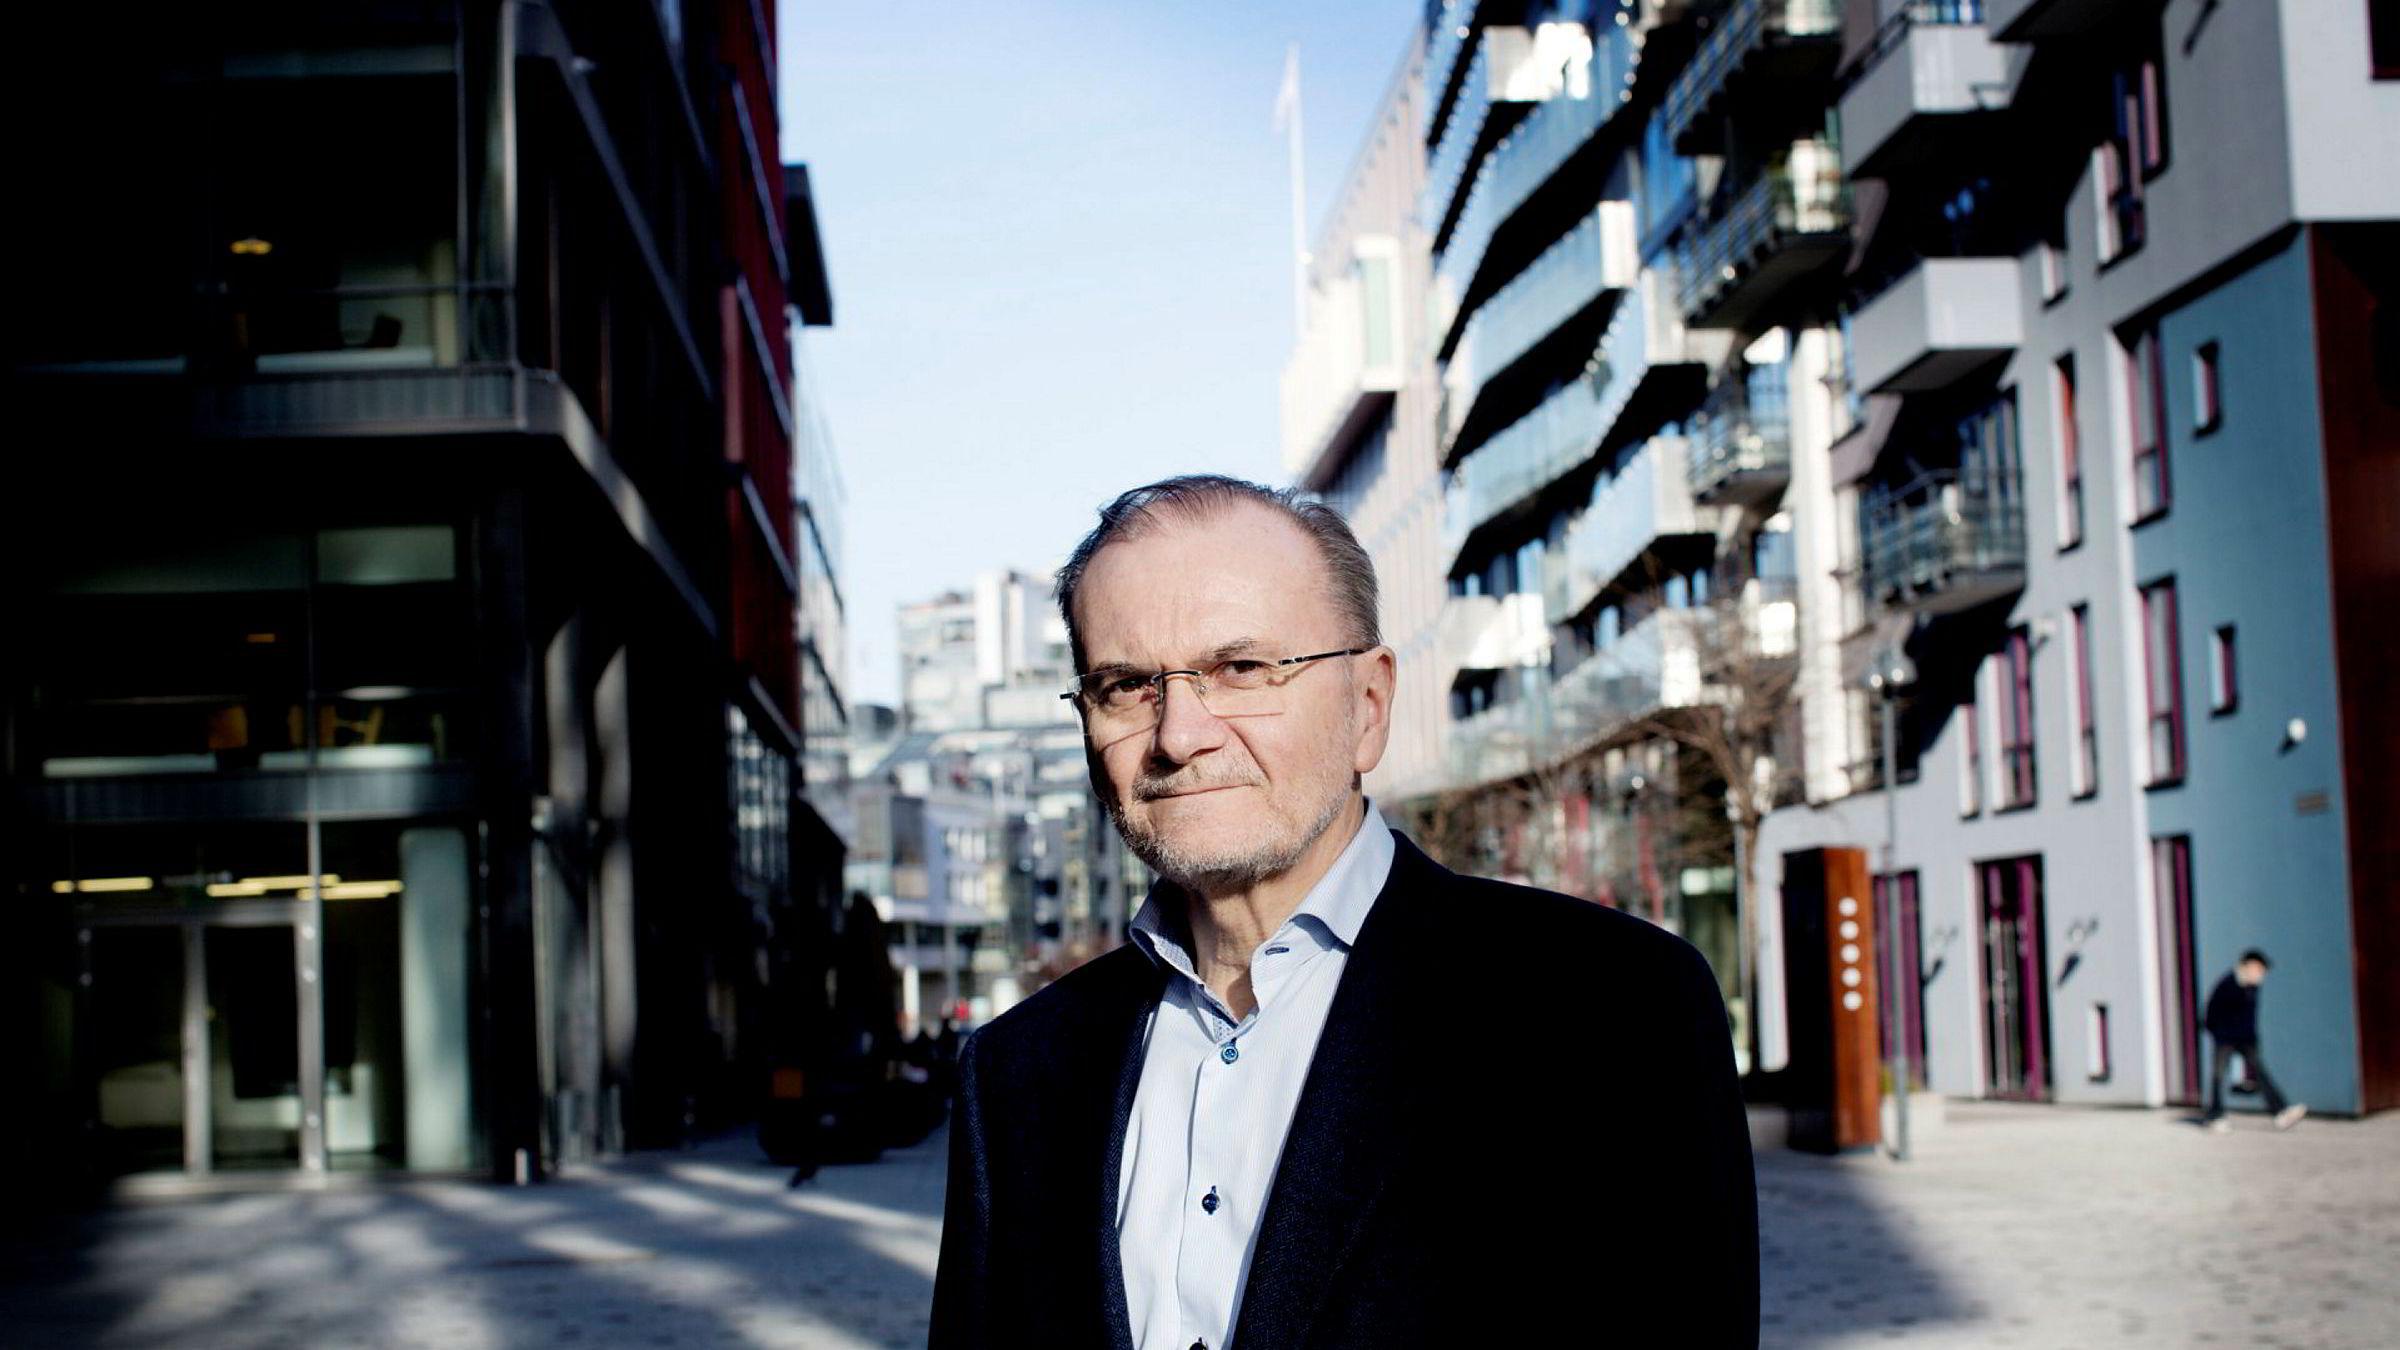 De som har brukt dyre og kortsiktige forbrukslån som egenkapital til boligkjøp, er i trøbbel dersom markedet bremser. Da kan det være grunn til å holde et øye på soliditeten i forbrukslånbankene, skriver Knut Anton Mork.